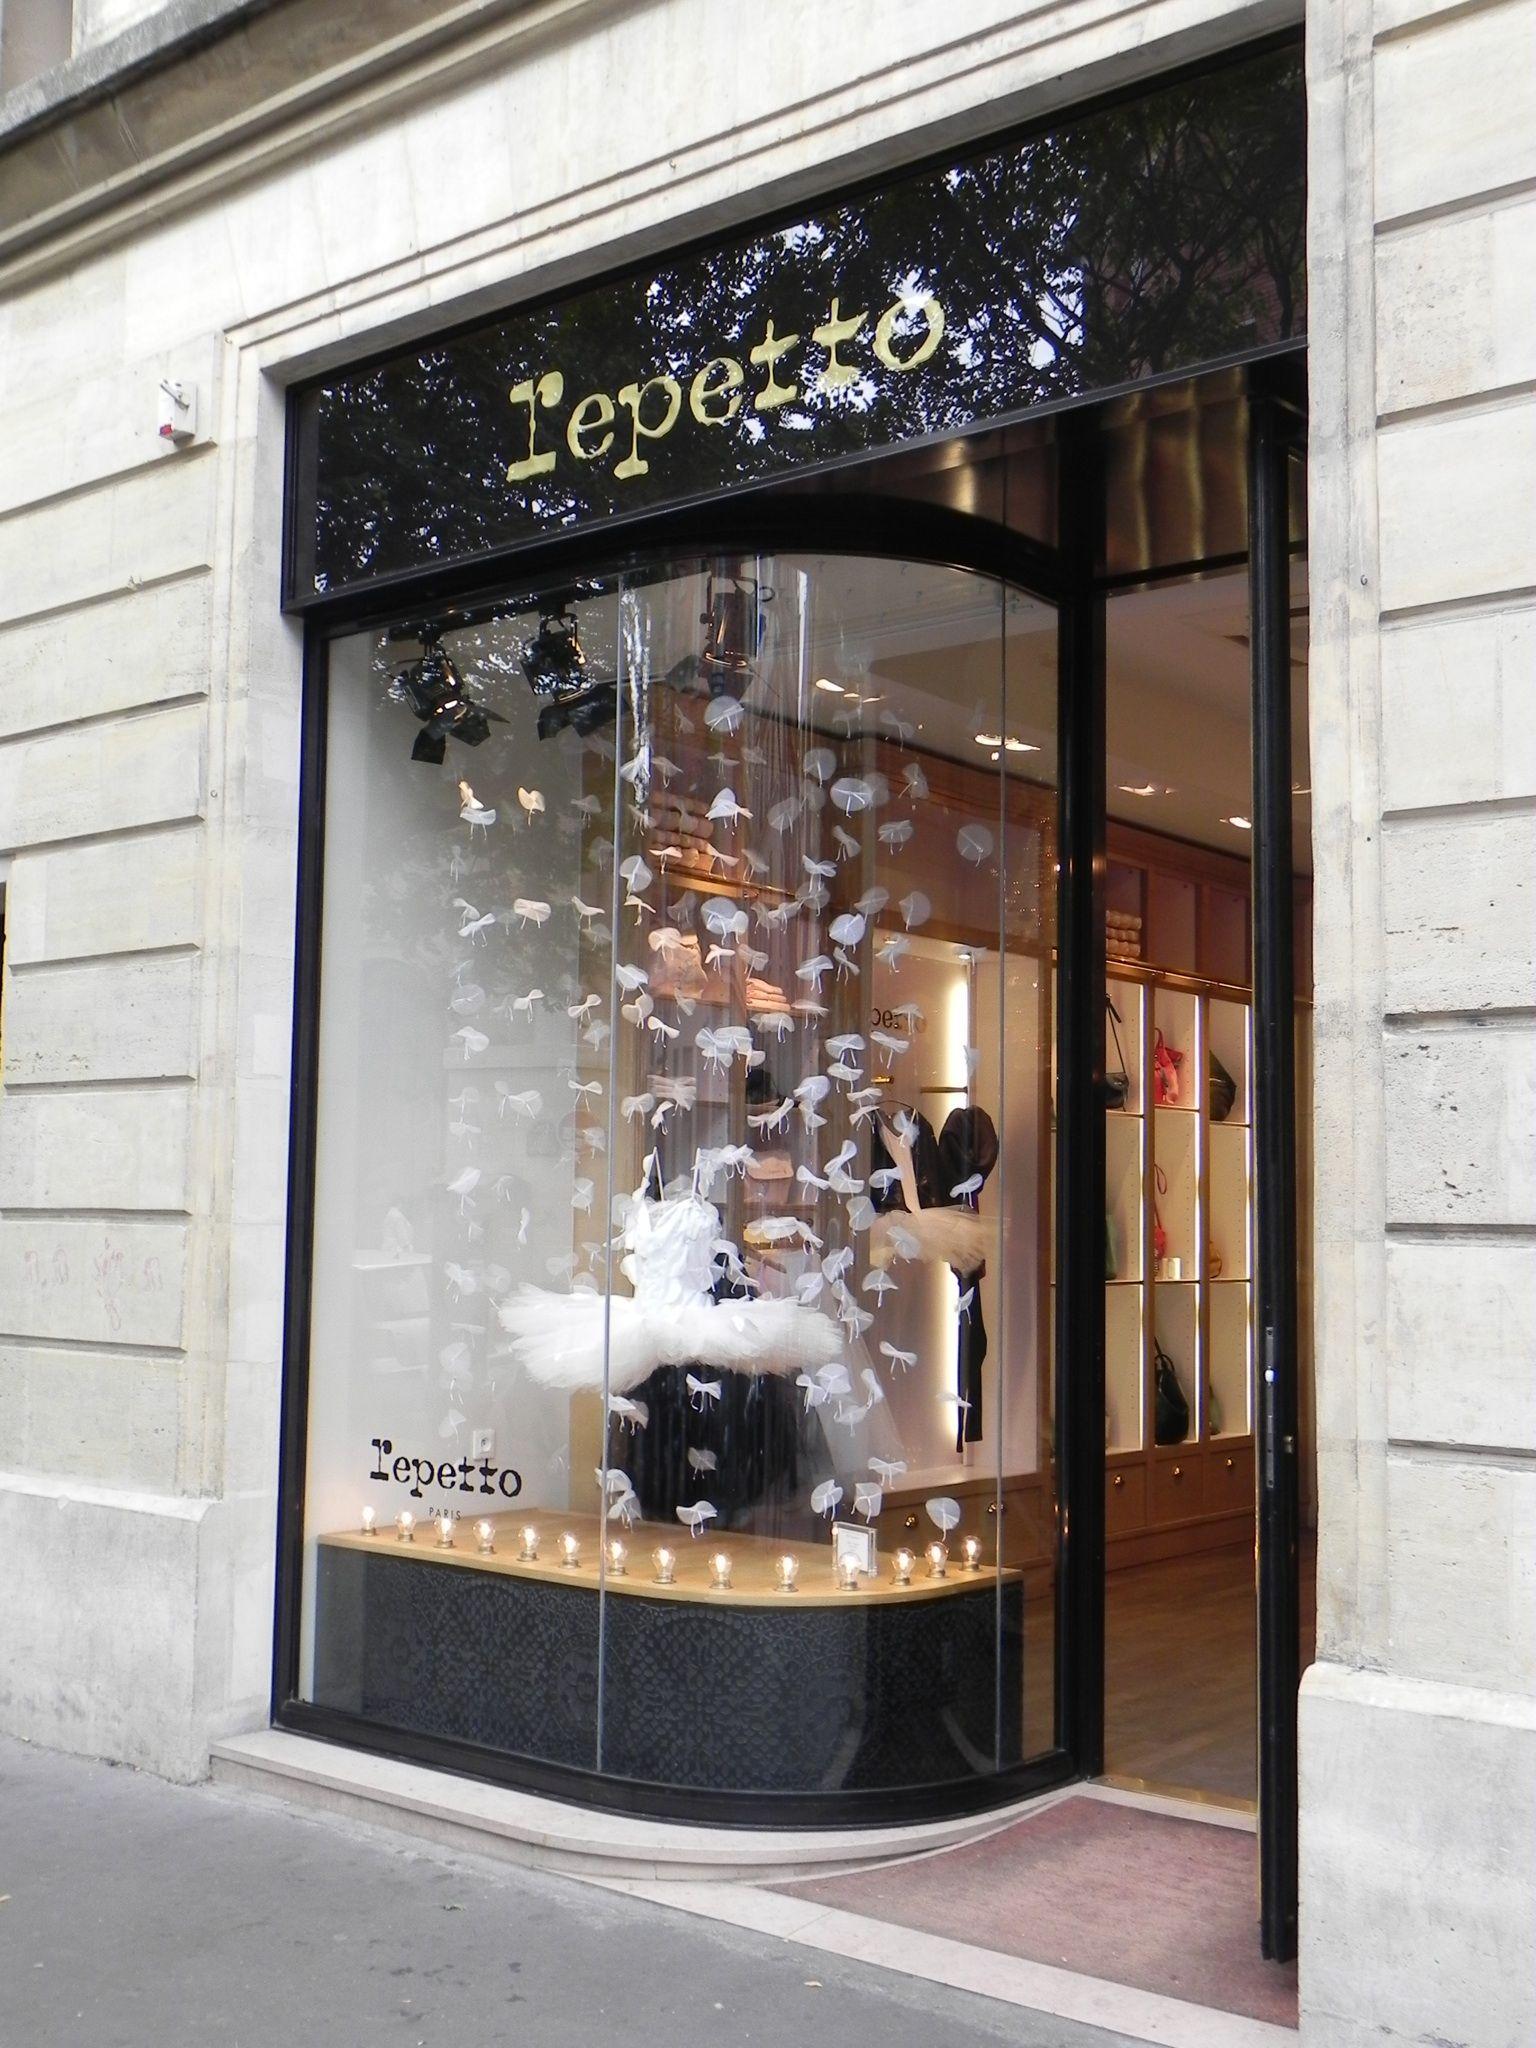 Repetto Tiendas en París. París y Tiendas